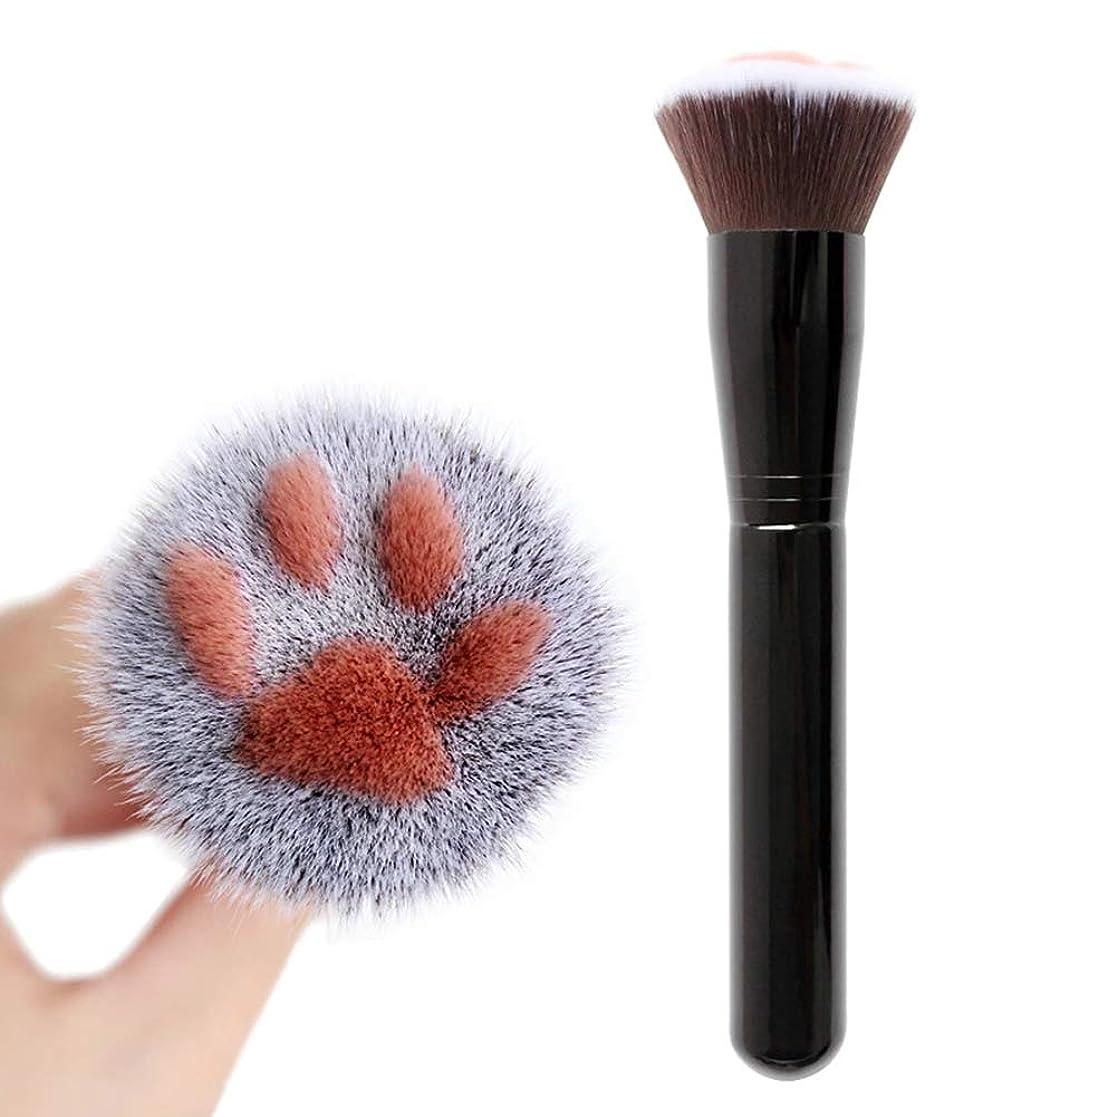 浴室レンド成人期Murakush 化粧ブラシ 猫の爪の形 粉のブラシ 基礎ブラシ メイク用具 ピンク/黒 超かわいい 1pcs Black handle